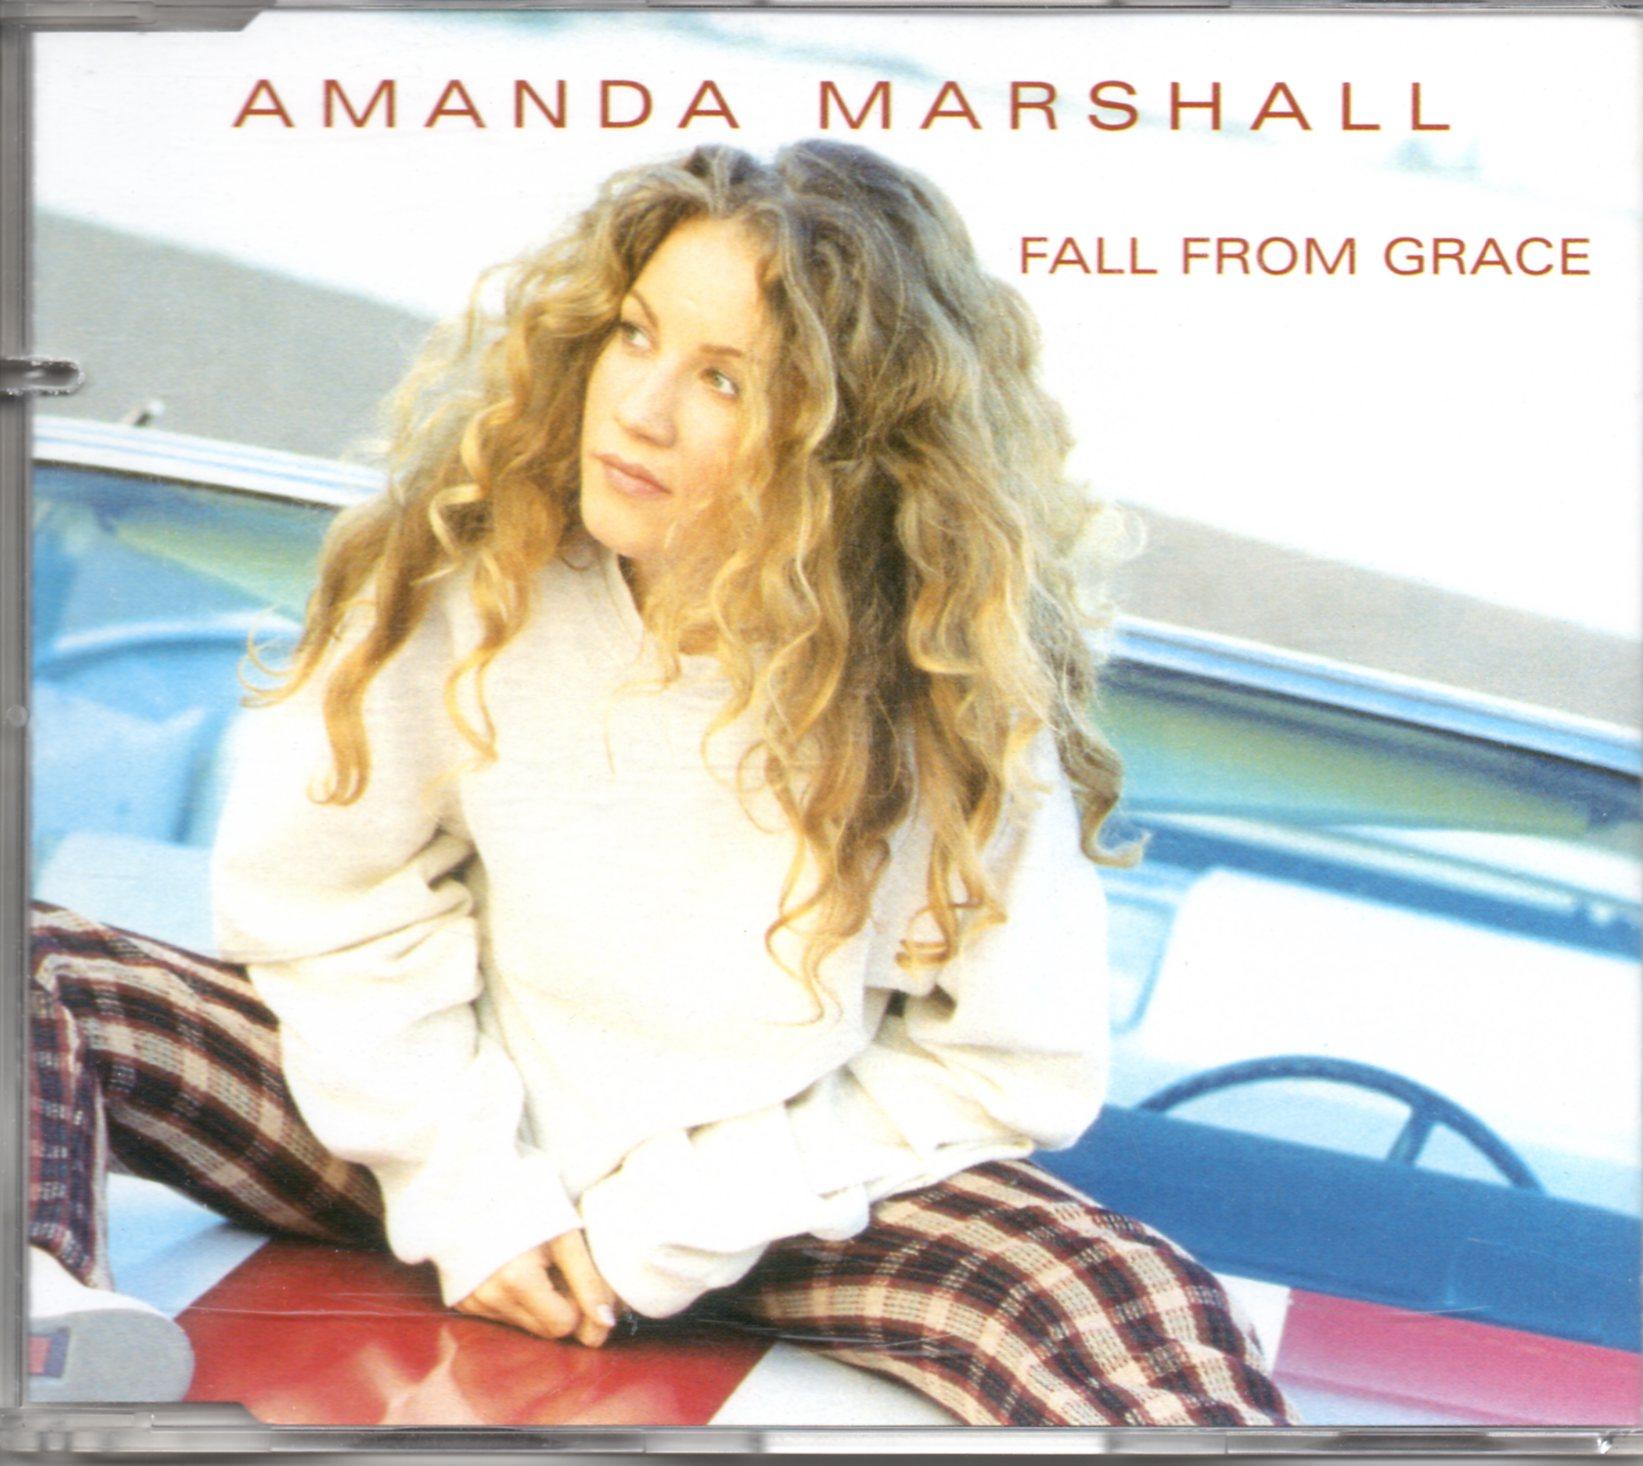 AMANDA MARSHALL - Fall from grace 3-Track Jewel Case - CD Maxi